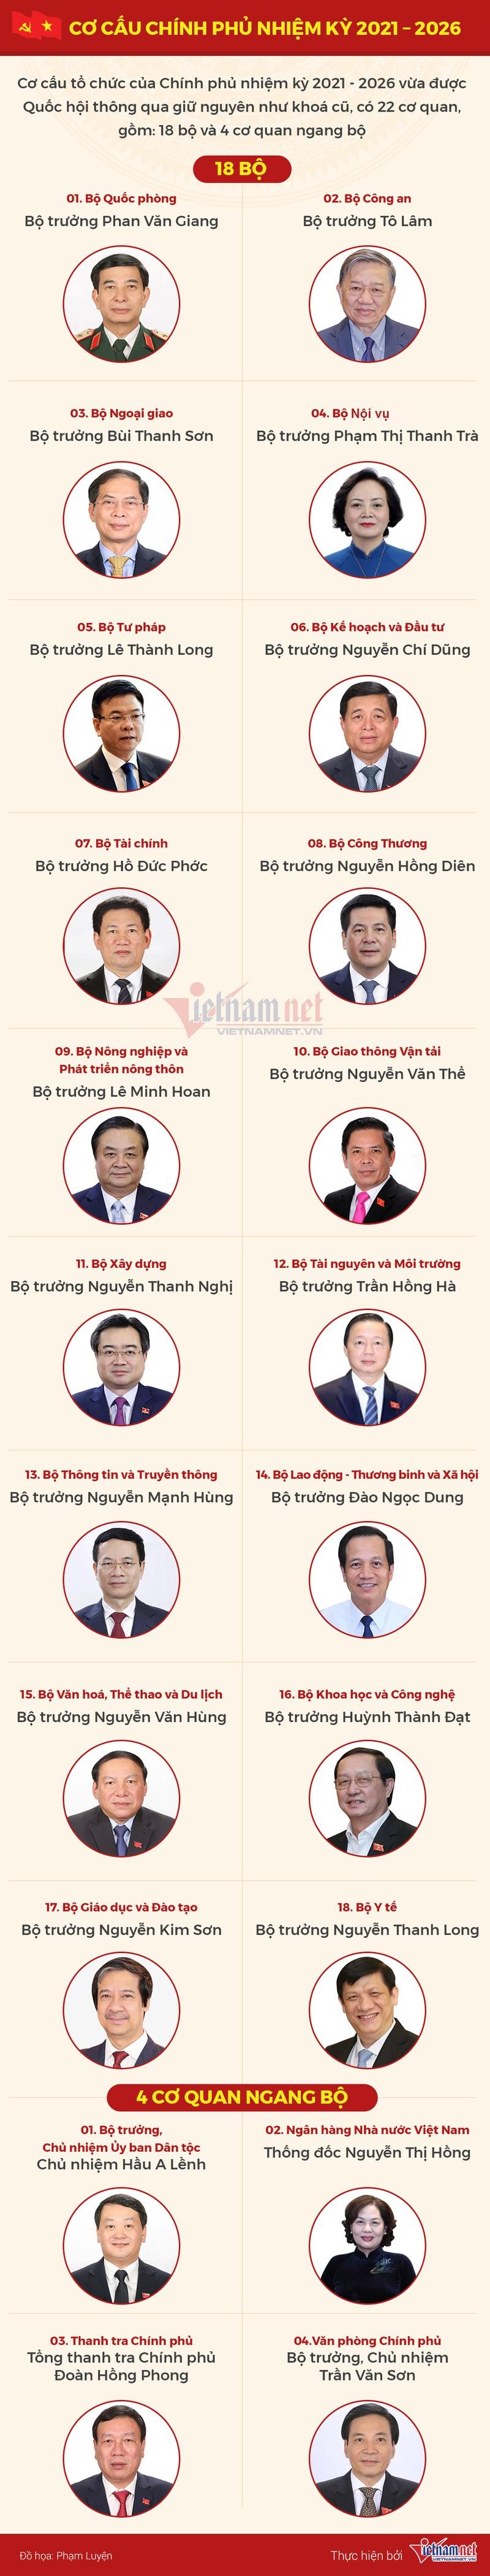 Quoc hoi thong qua co cau Chinh phu nhiem ky moi co 22 bo nganh-Hinh-2